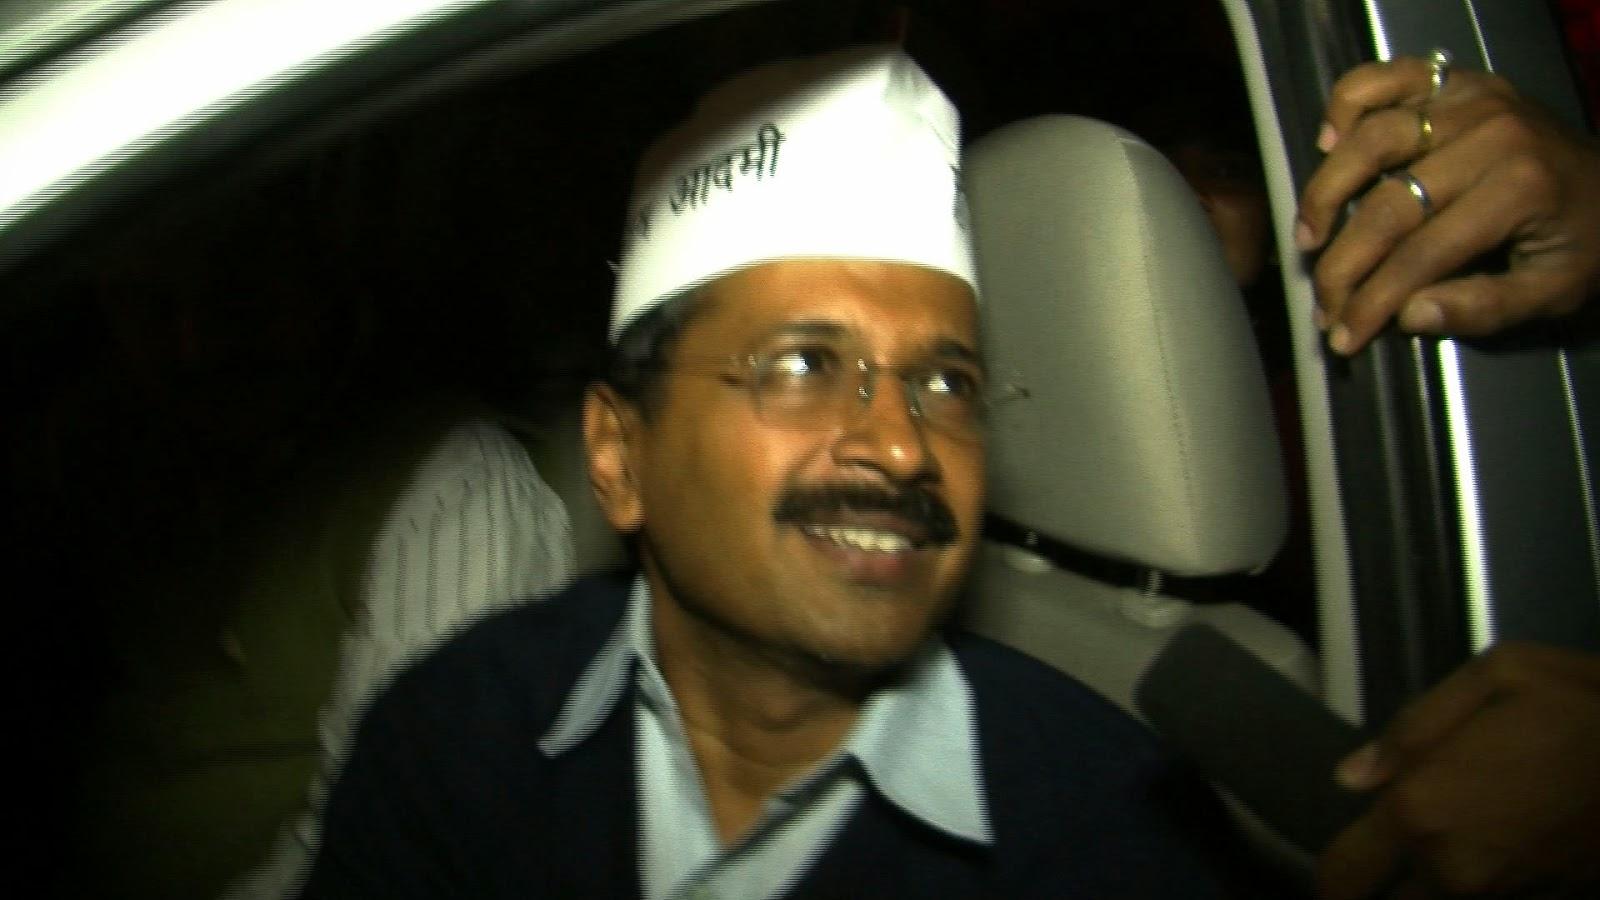 Arvind kejriwal in car free nice wallpaper